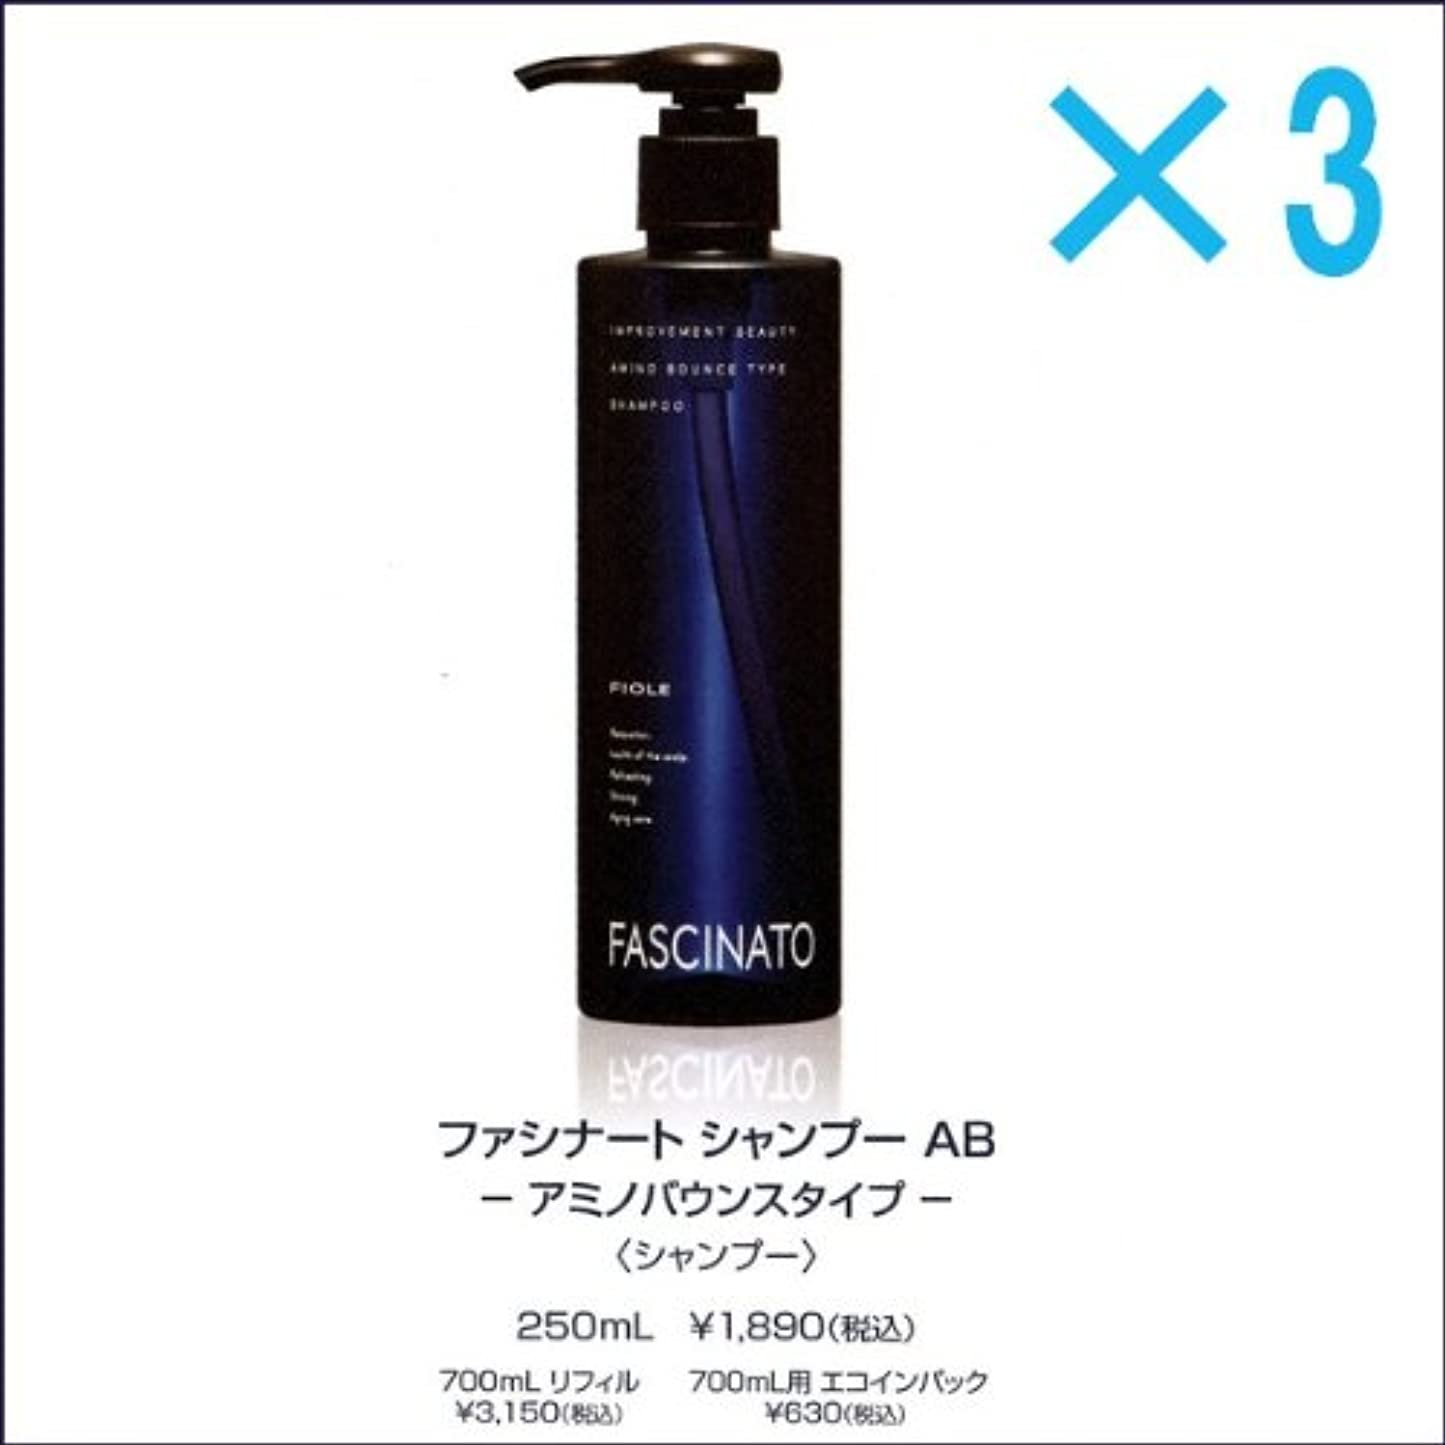 先祖酸素疑わしい【X3個セット】 フィヨーレ ファシナート シャンプー AB 250ml アミノバウンスタイプ FIOLE